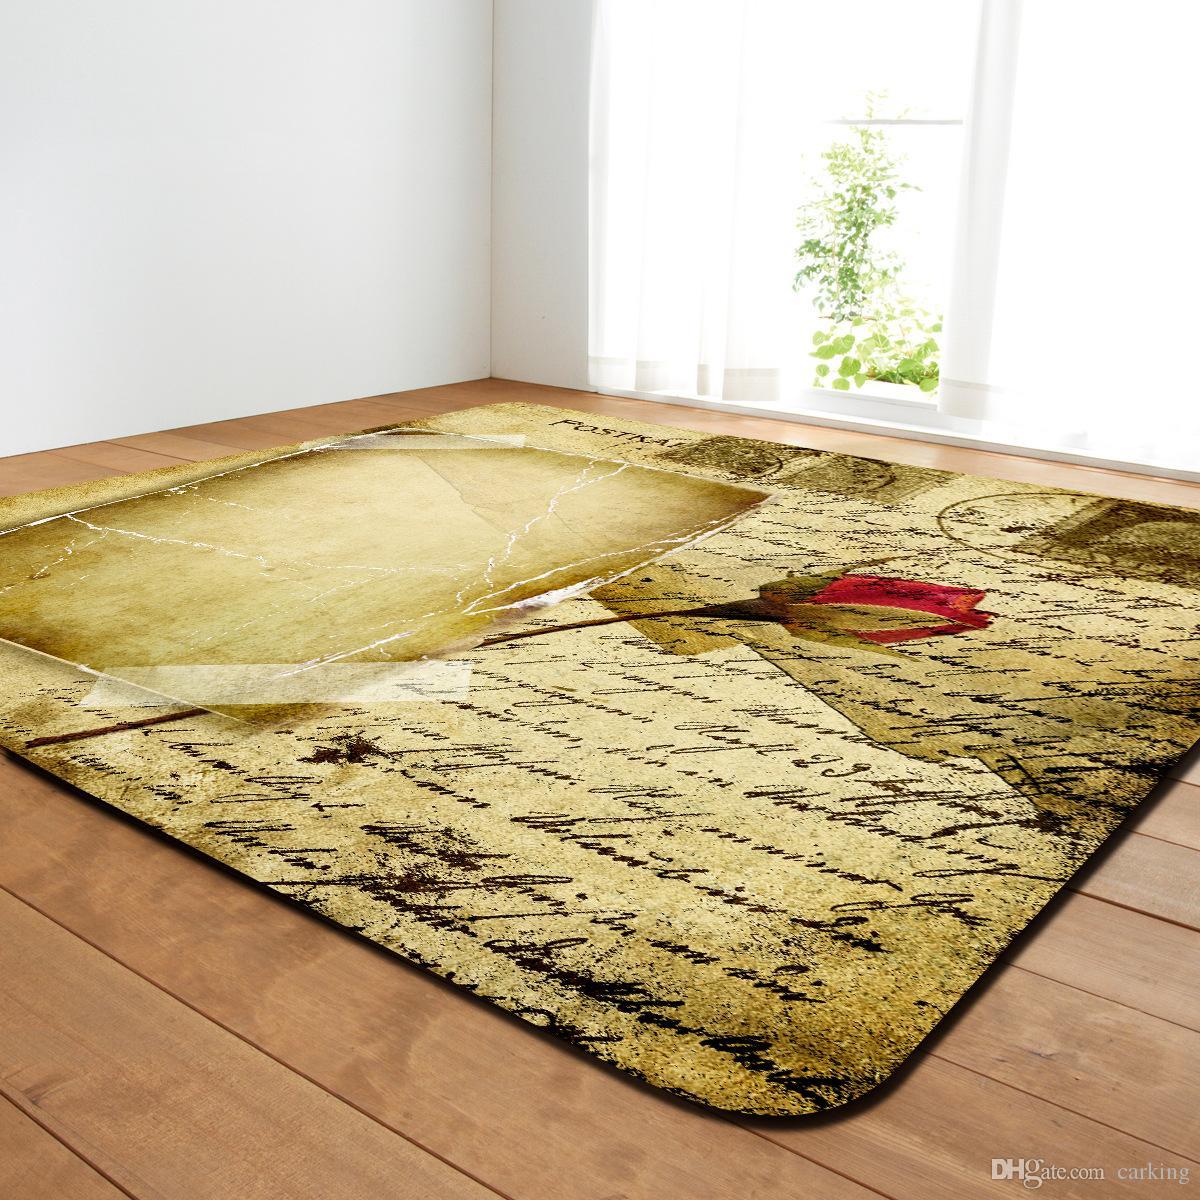 Full Size of Wohnzimmer Teppich 140x200 Wohnzimmer Teppich 150x150 Wohnzimmer Teppich Marmor Wohnzimmer Teppich Silber Wohnzimmer Wohnzimmer Teppich